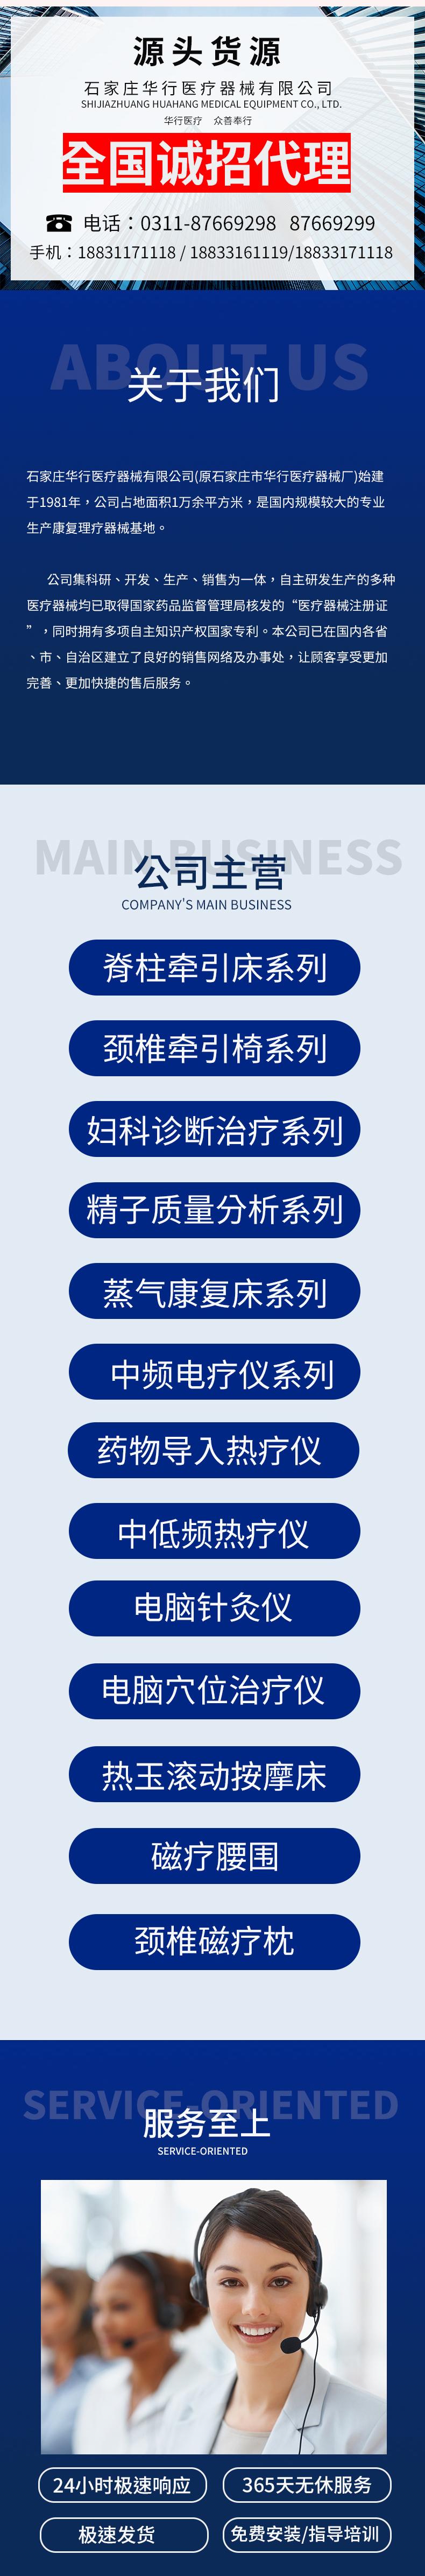 百度妇科_07.jpg